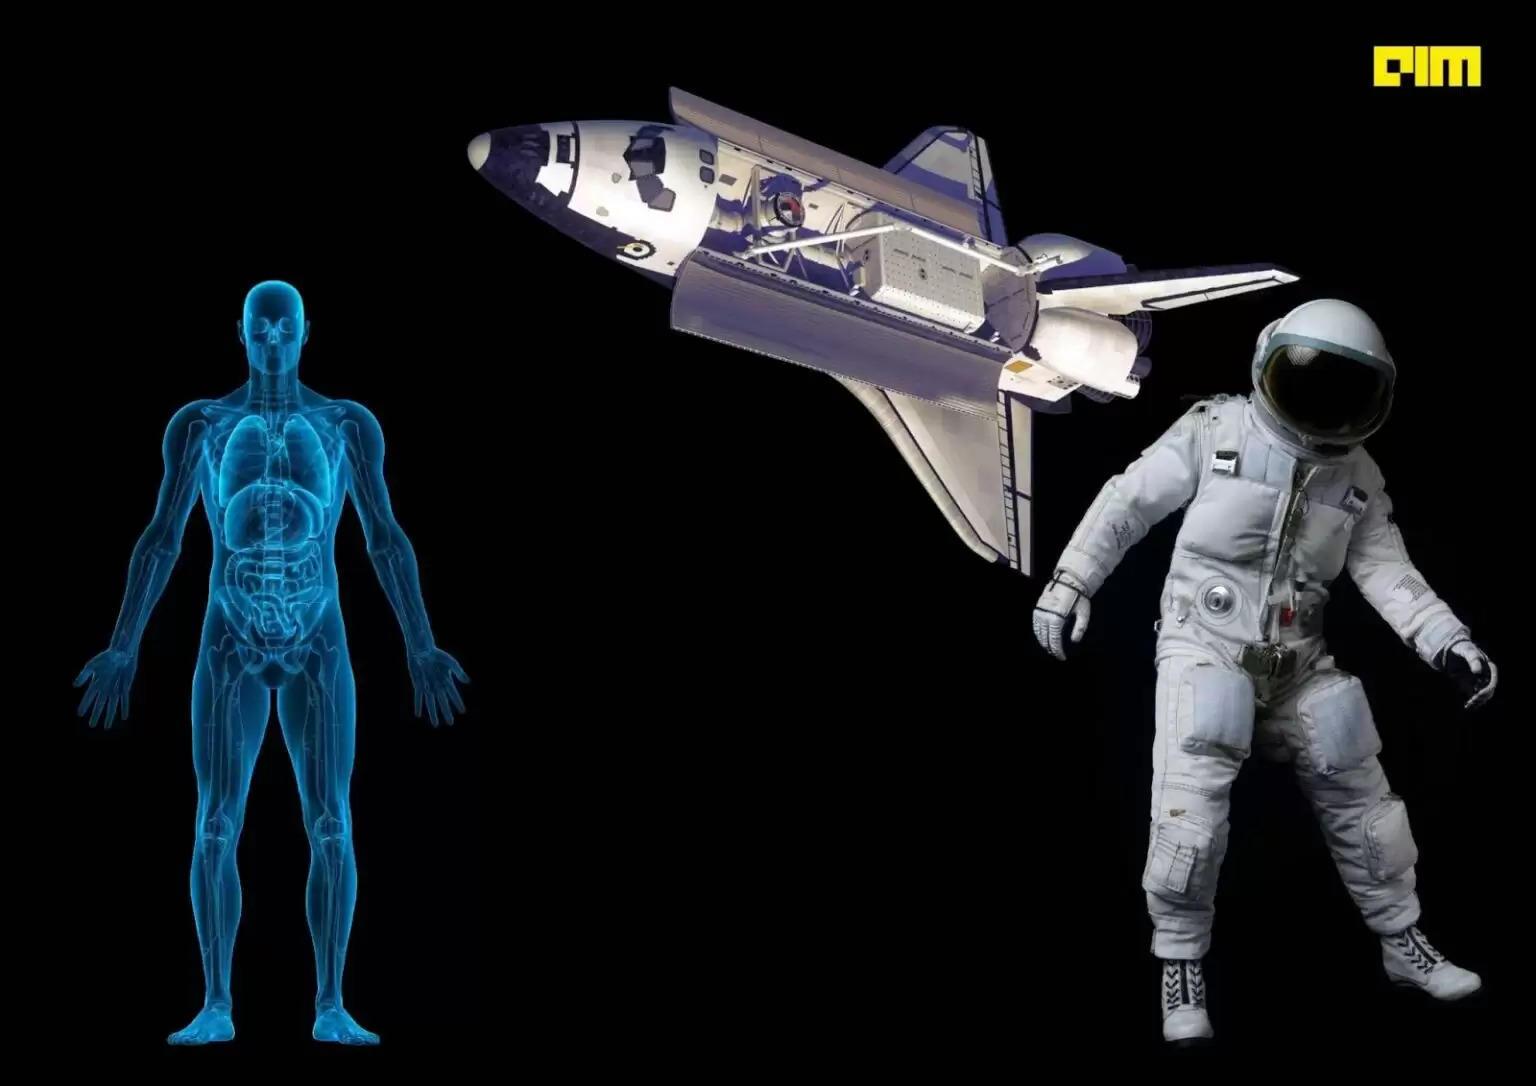 NASA भविष्य के अंतरिक्ष मिशनों के लिए 3डी प्रिंटेड Human Tissue का उपयोग करेगा